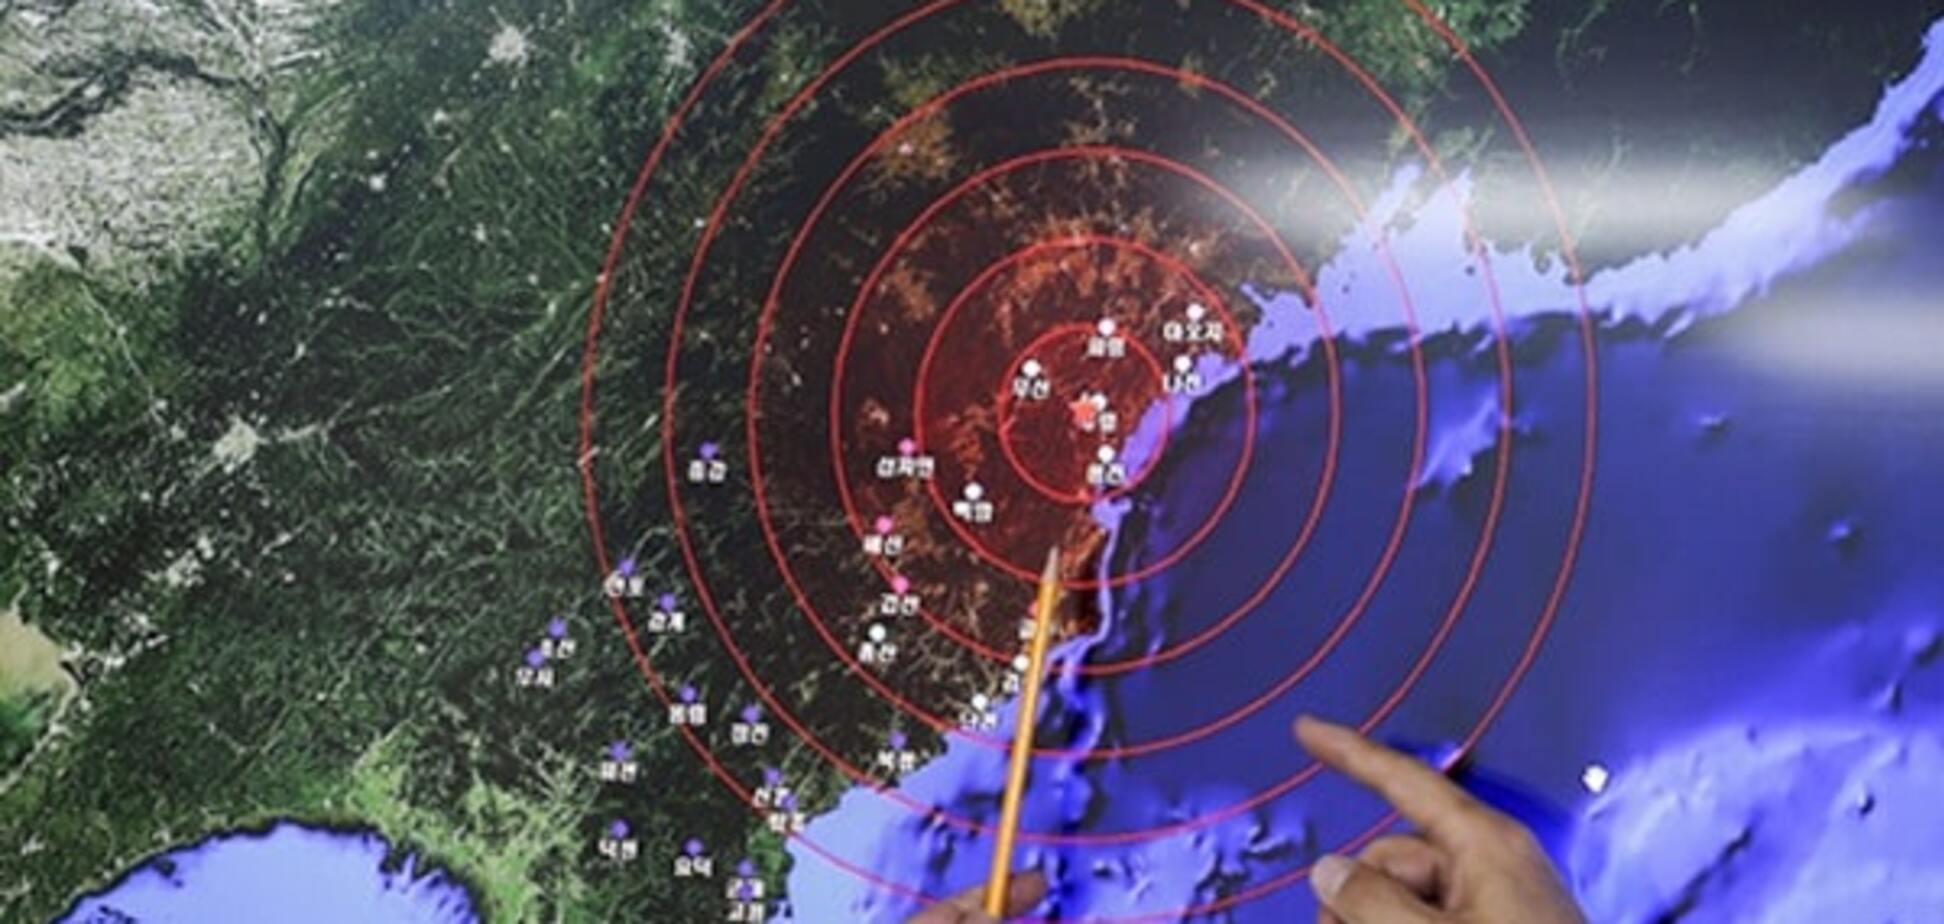 Триггерный эффект: сейсмолог назвал причину мощного землетрясения в КНДР